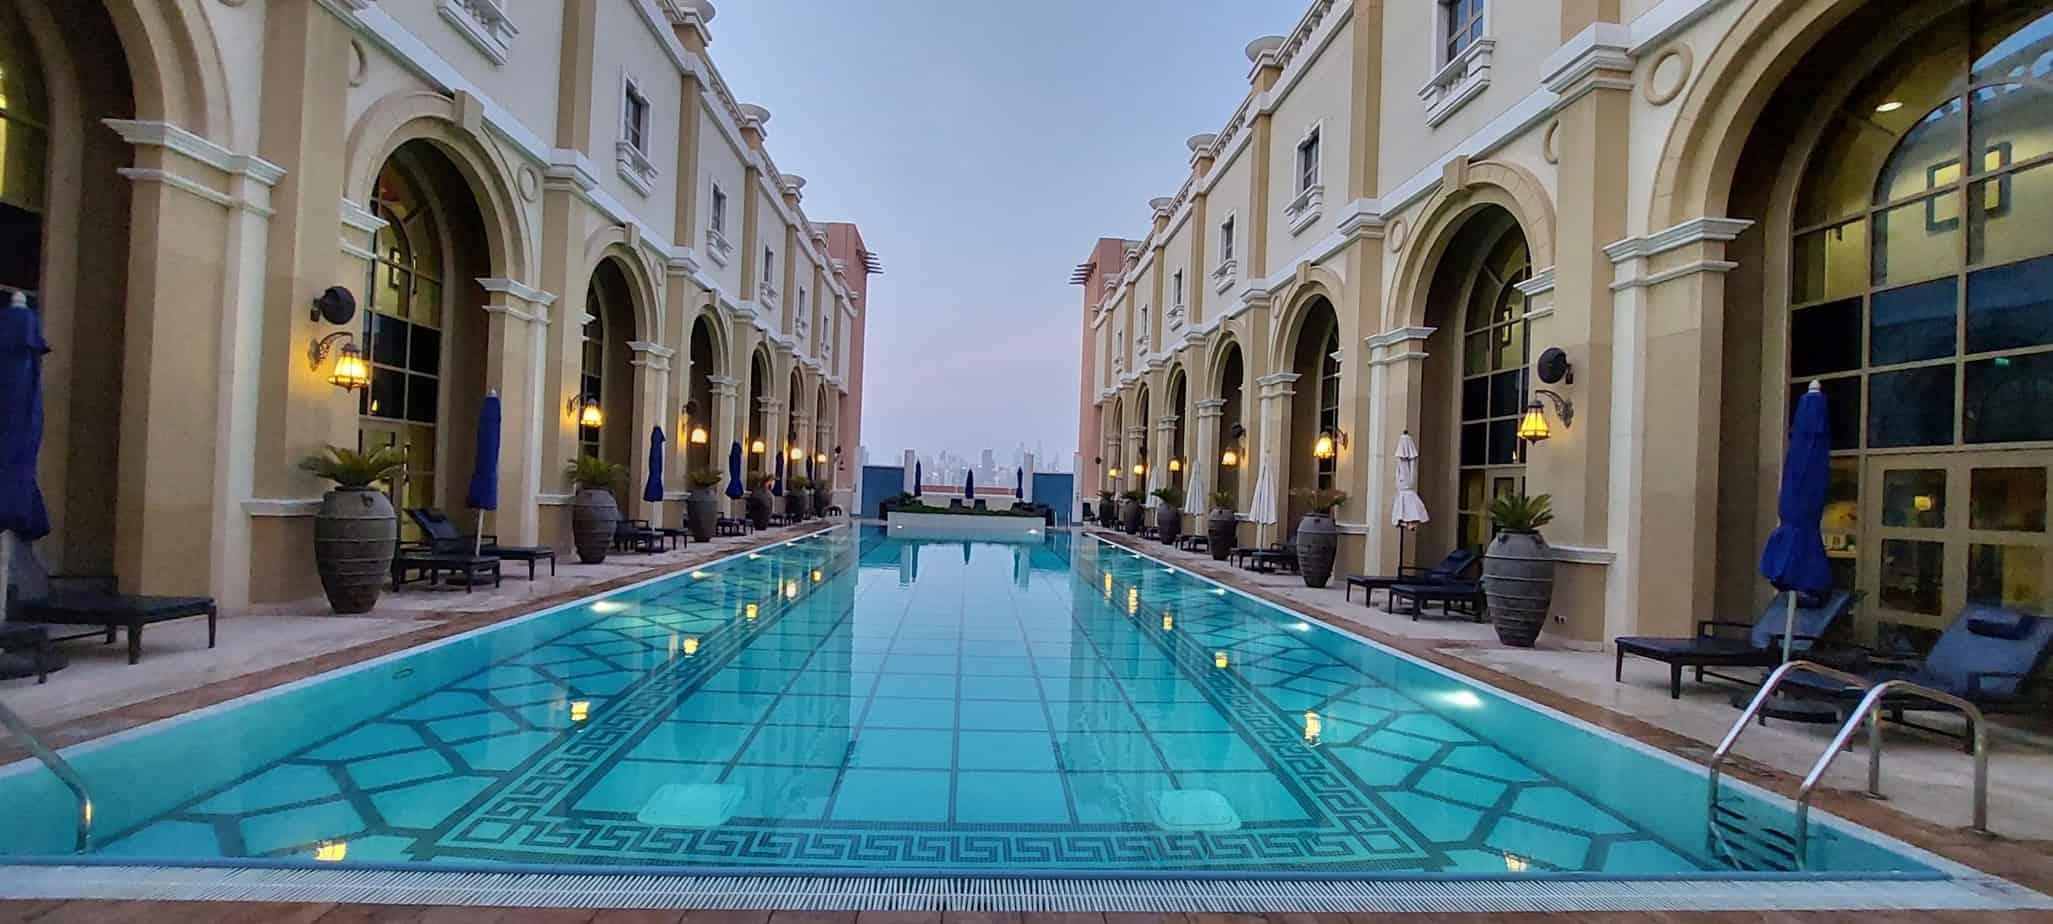 The Oaks Ibn Battuta Gate hotel